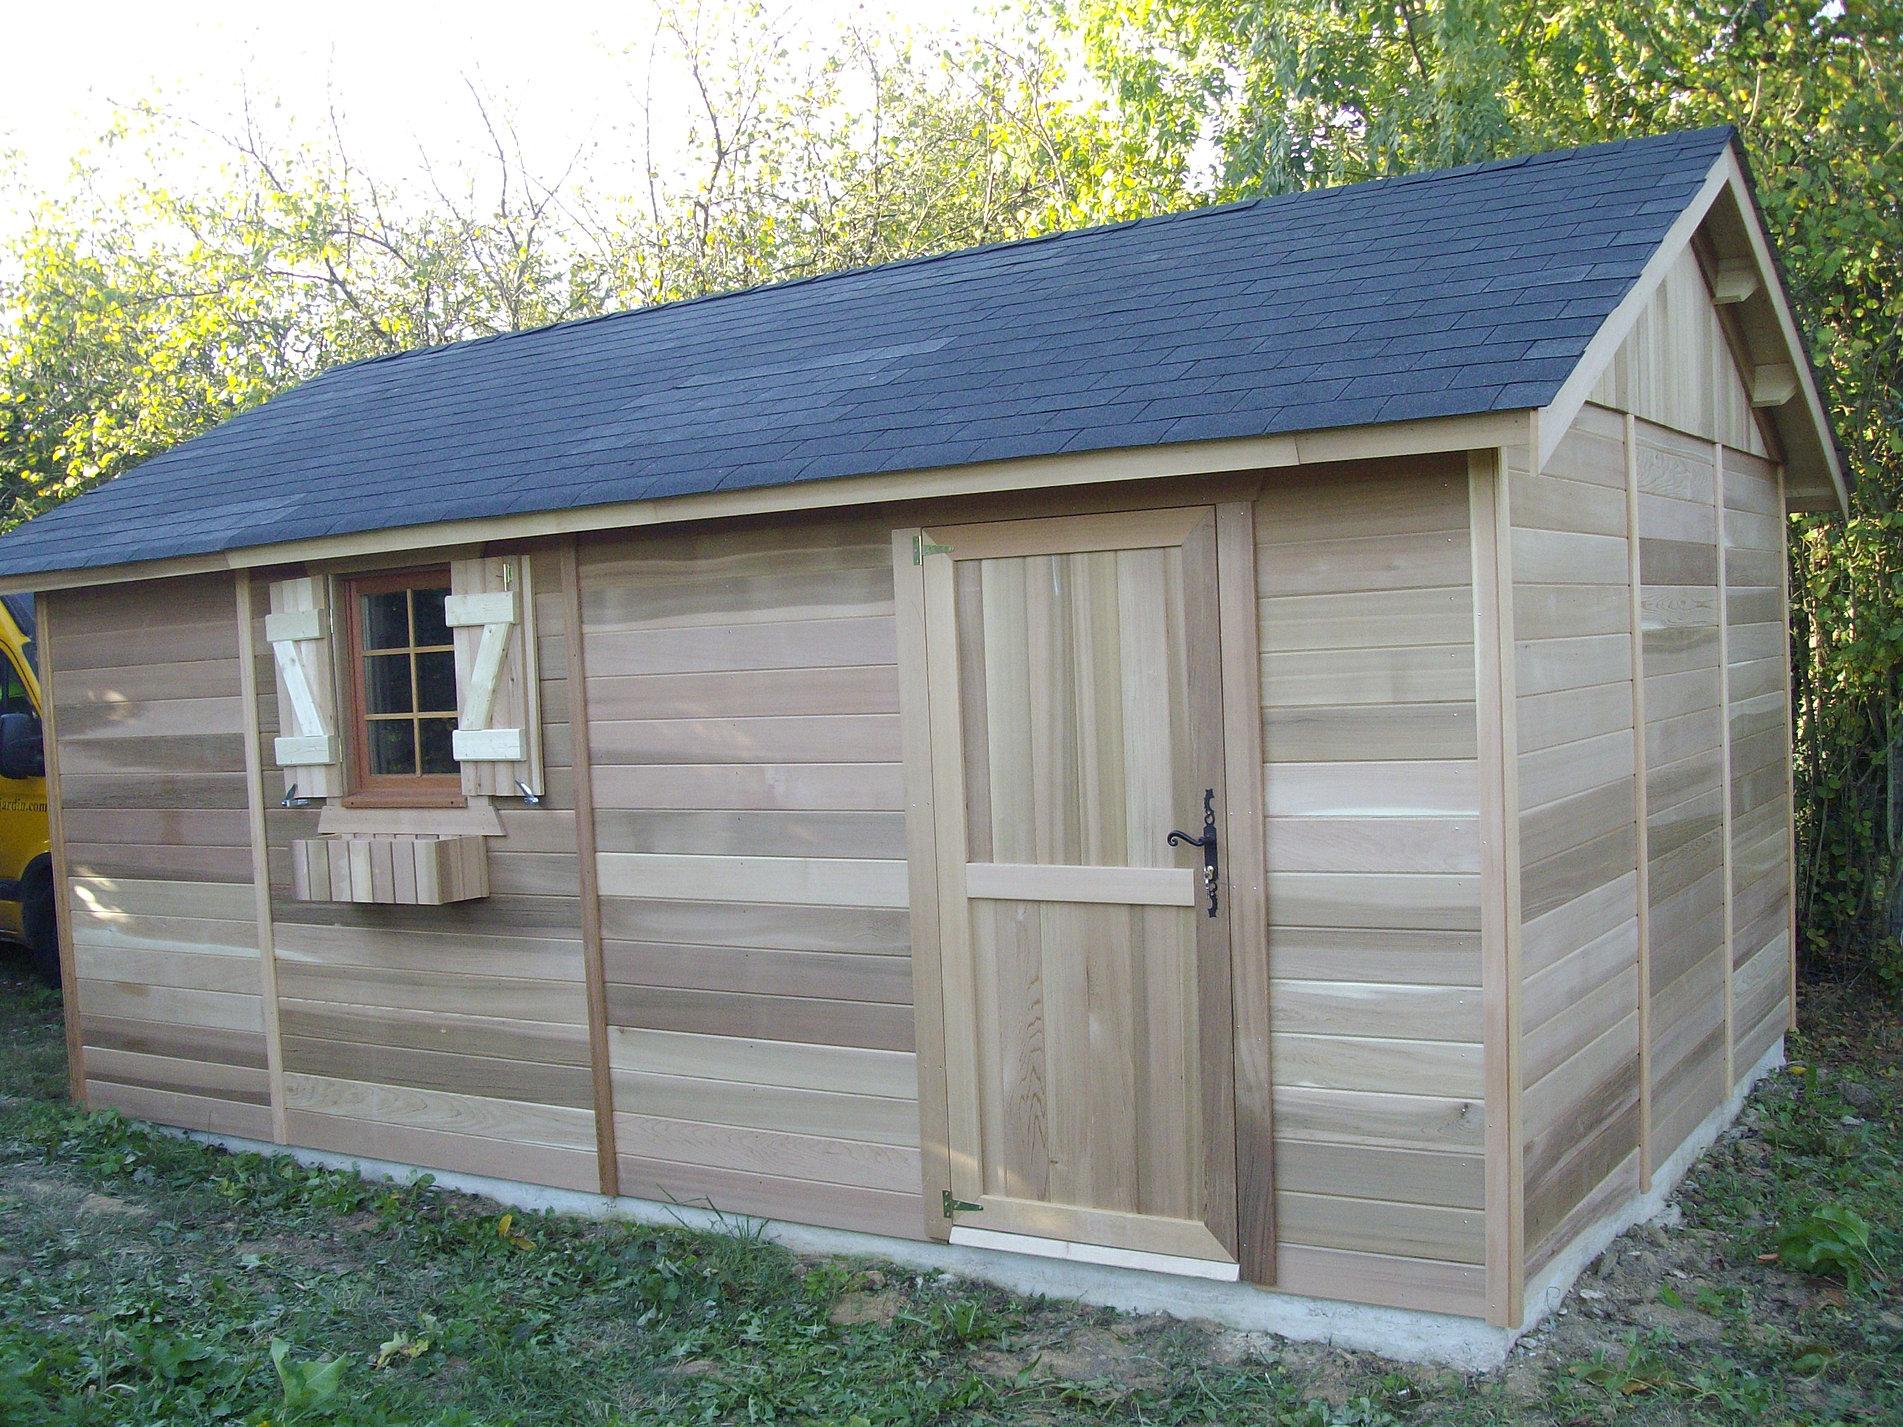 Abris de jardin et terrasses bois en idf colin construction for Abri de jardin terrasse